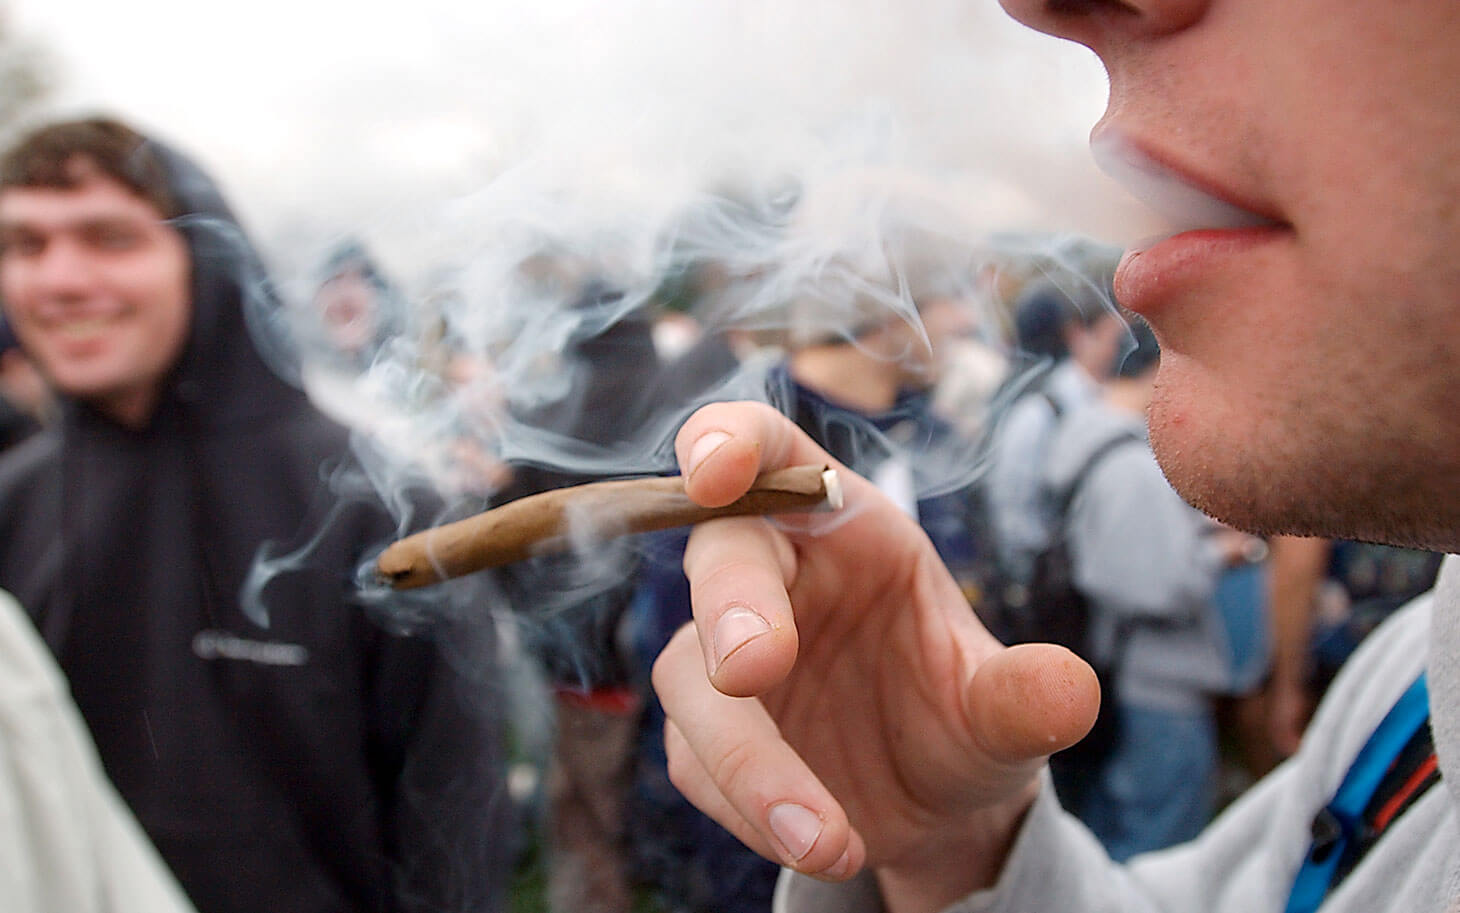 La legalización del cannabis en México se reactiva con una nueva de propuesta de ley